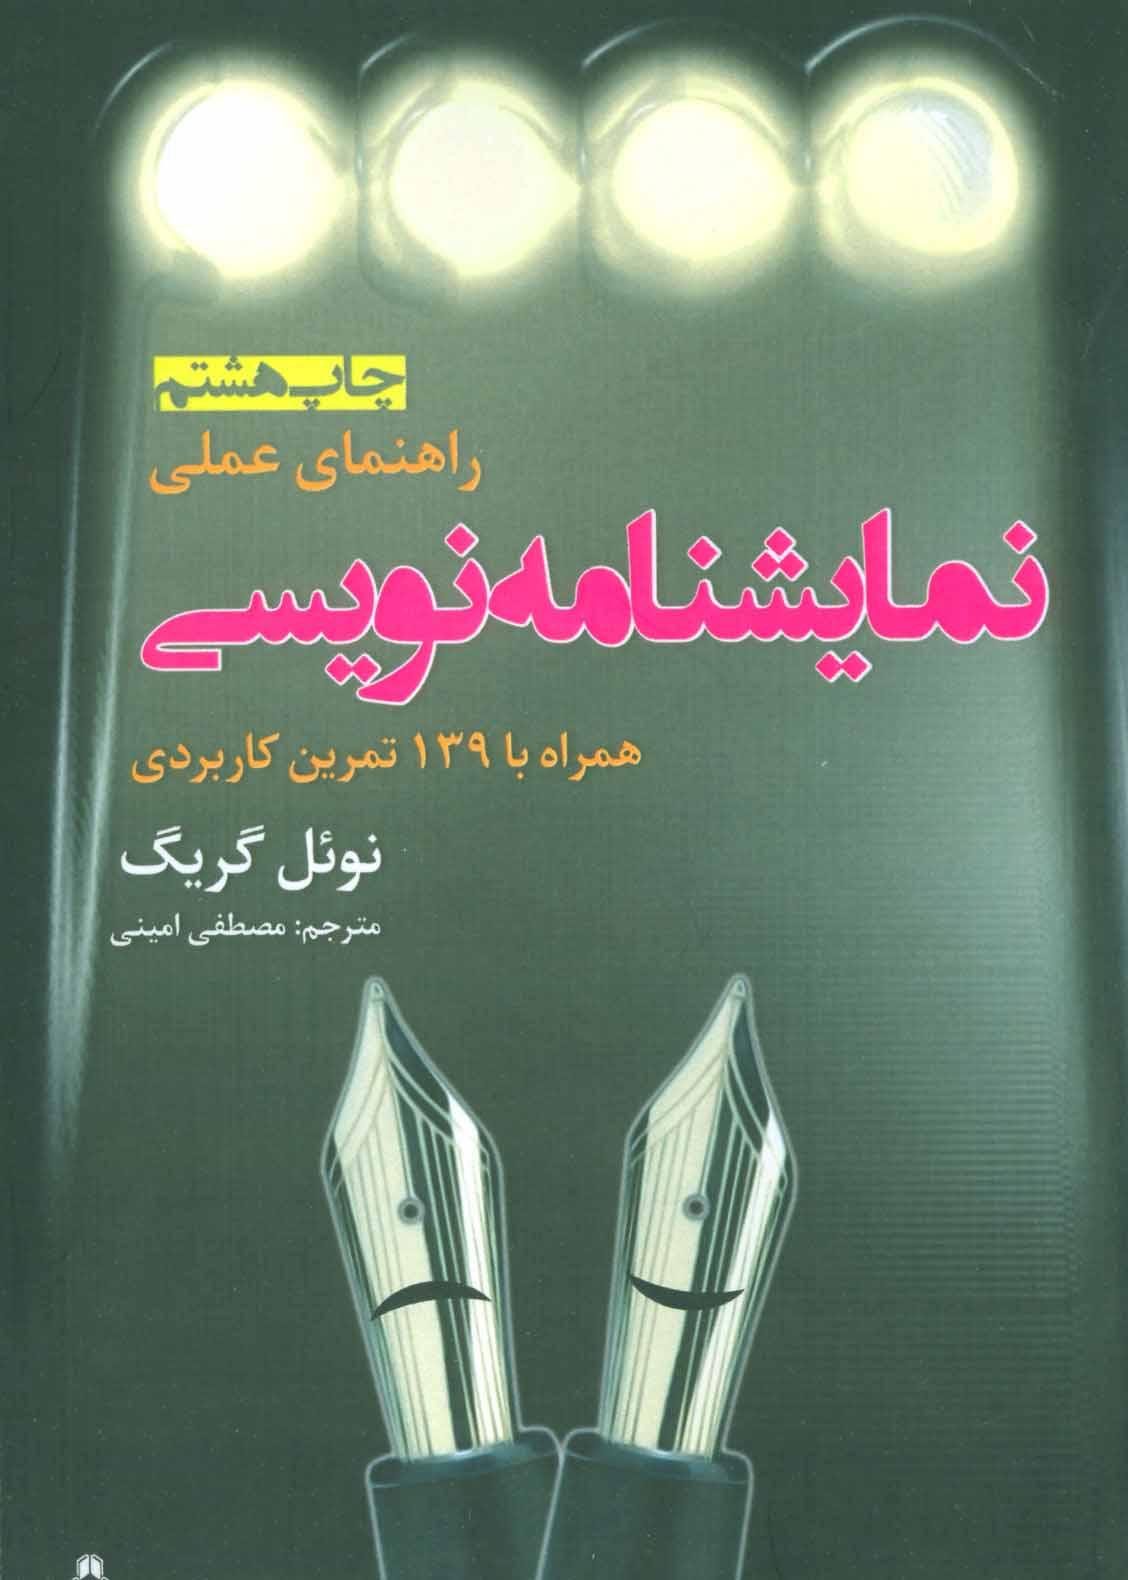 کتاب راهنمای عملی نمایشنامهنویسی همراه با ۱۳۹ تمرین کاربردی